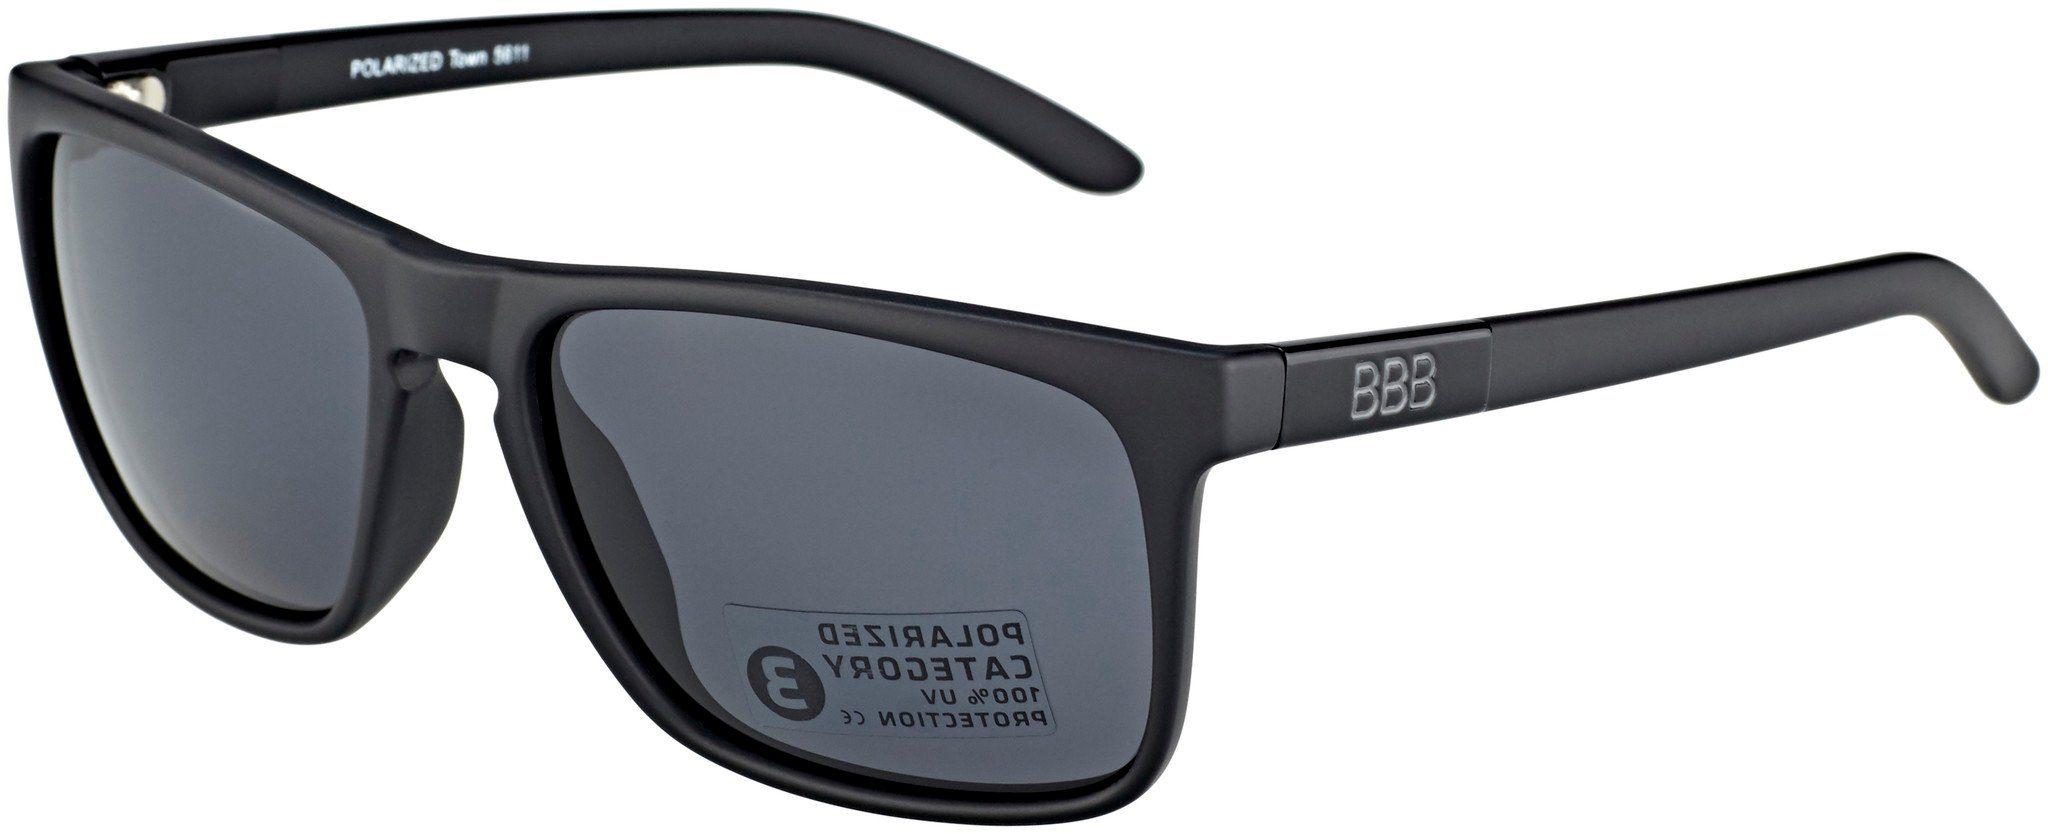 BBB Sportbrille »Town PZ PC BSG-56 Sportbrille«